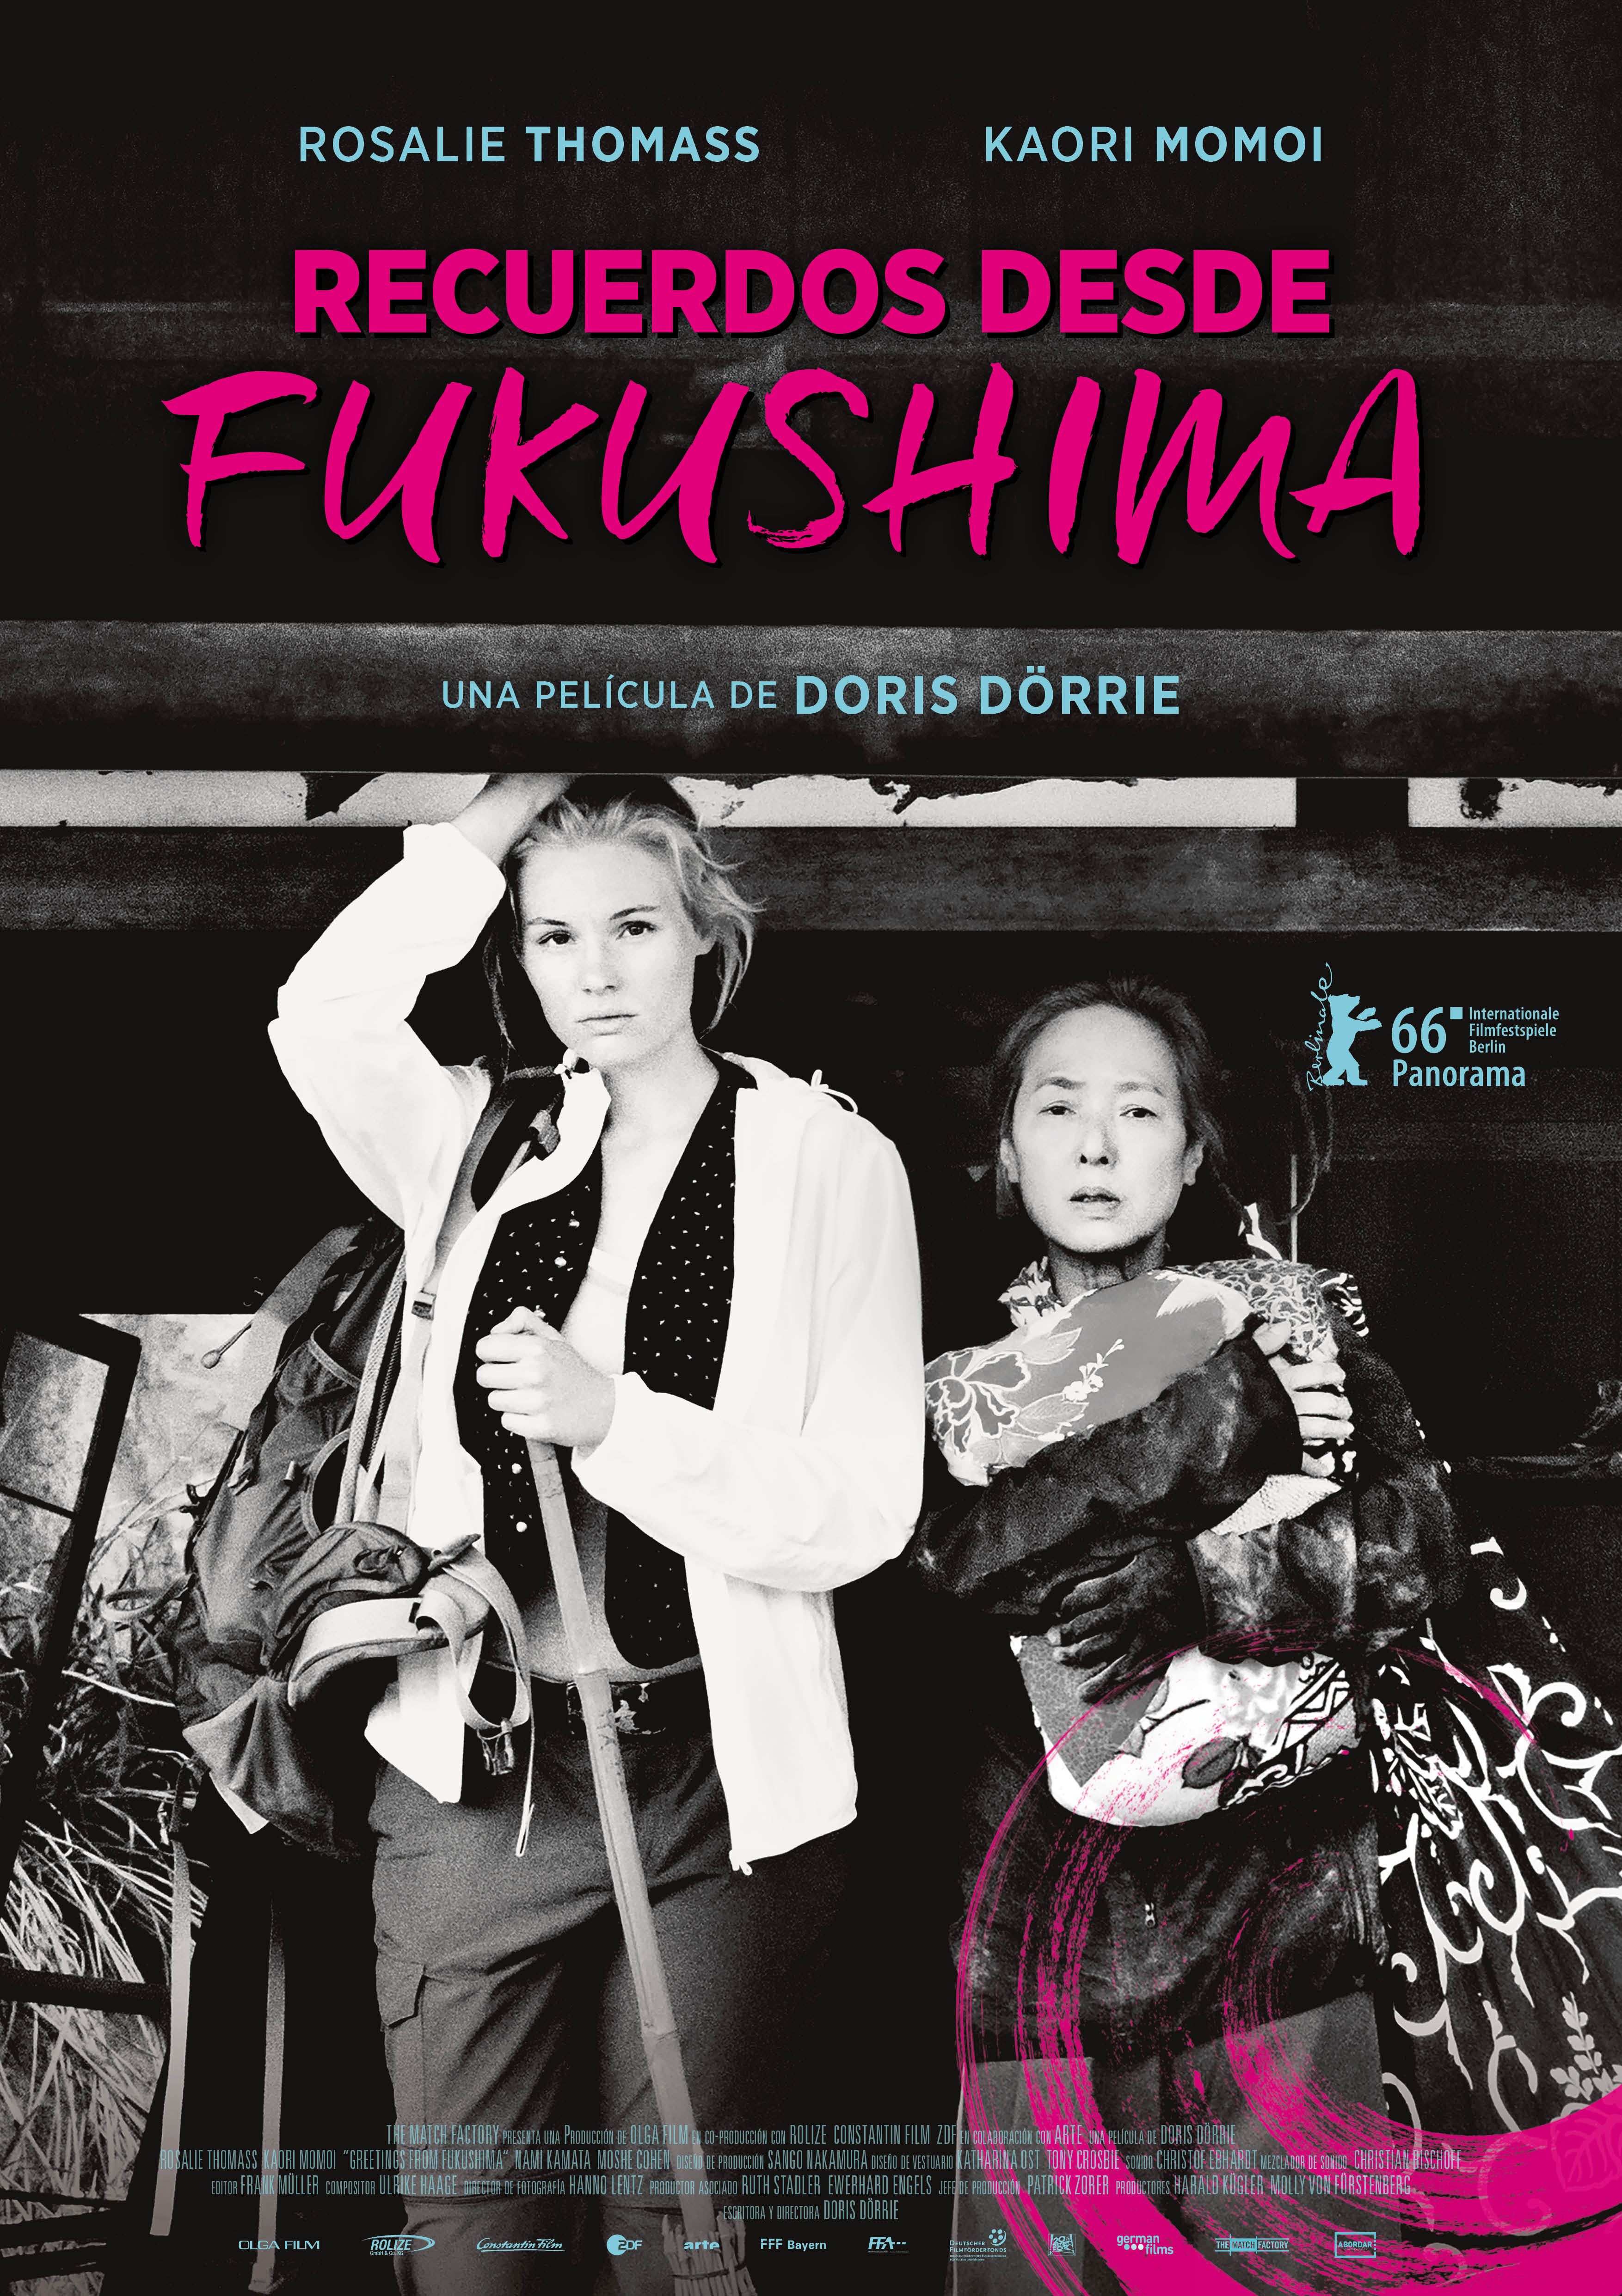 Recuerdos desde Fukushima